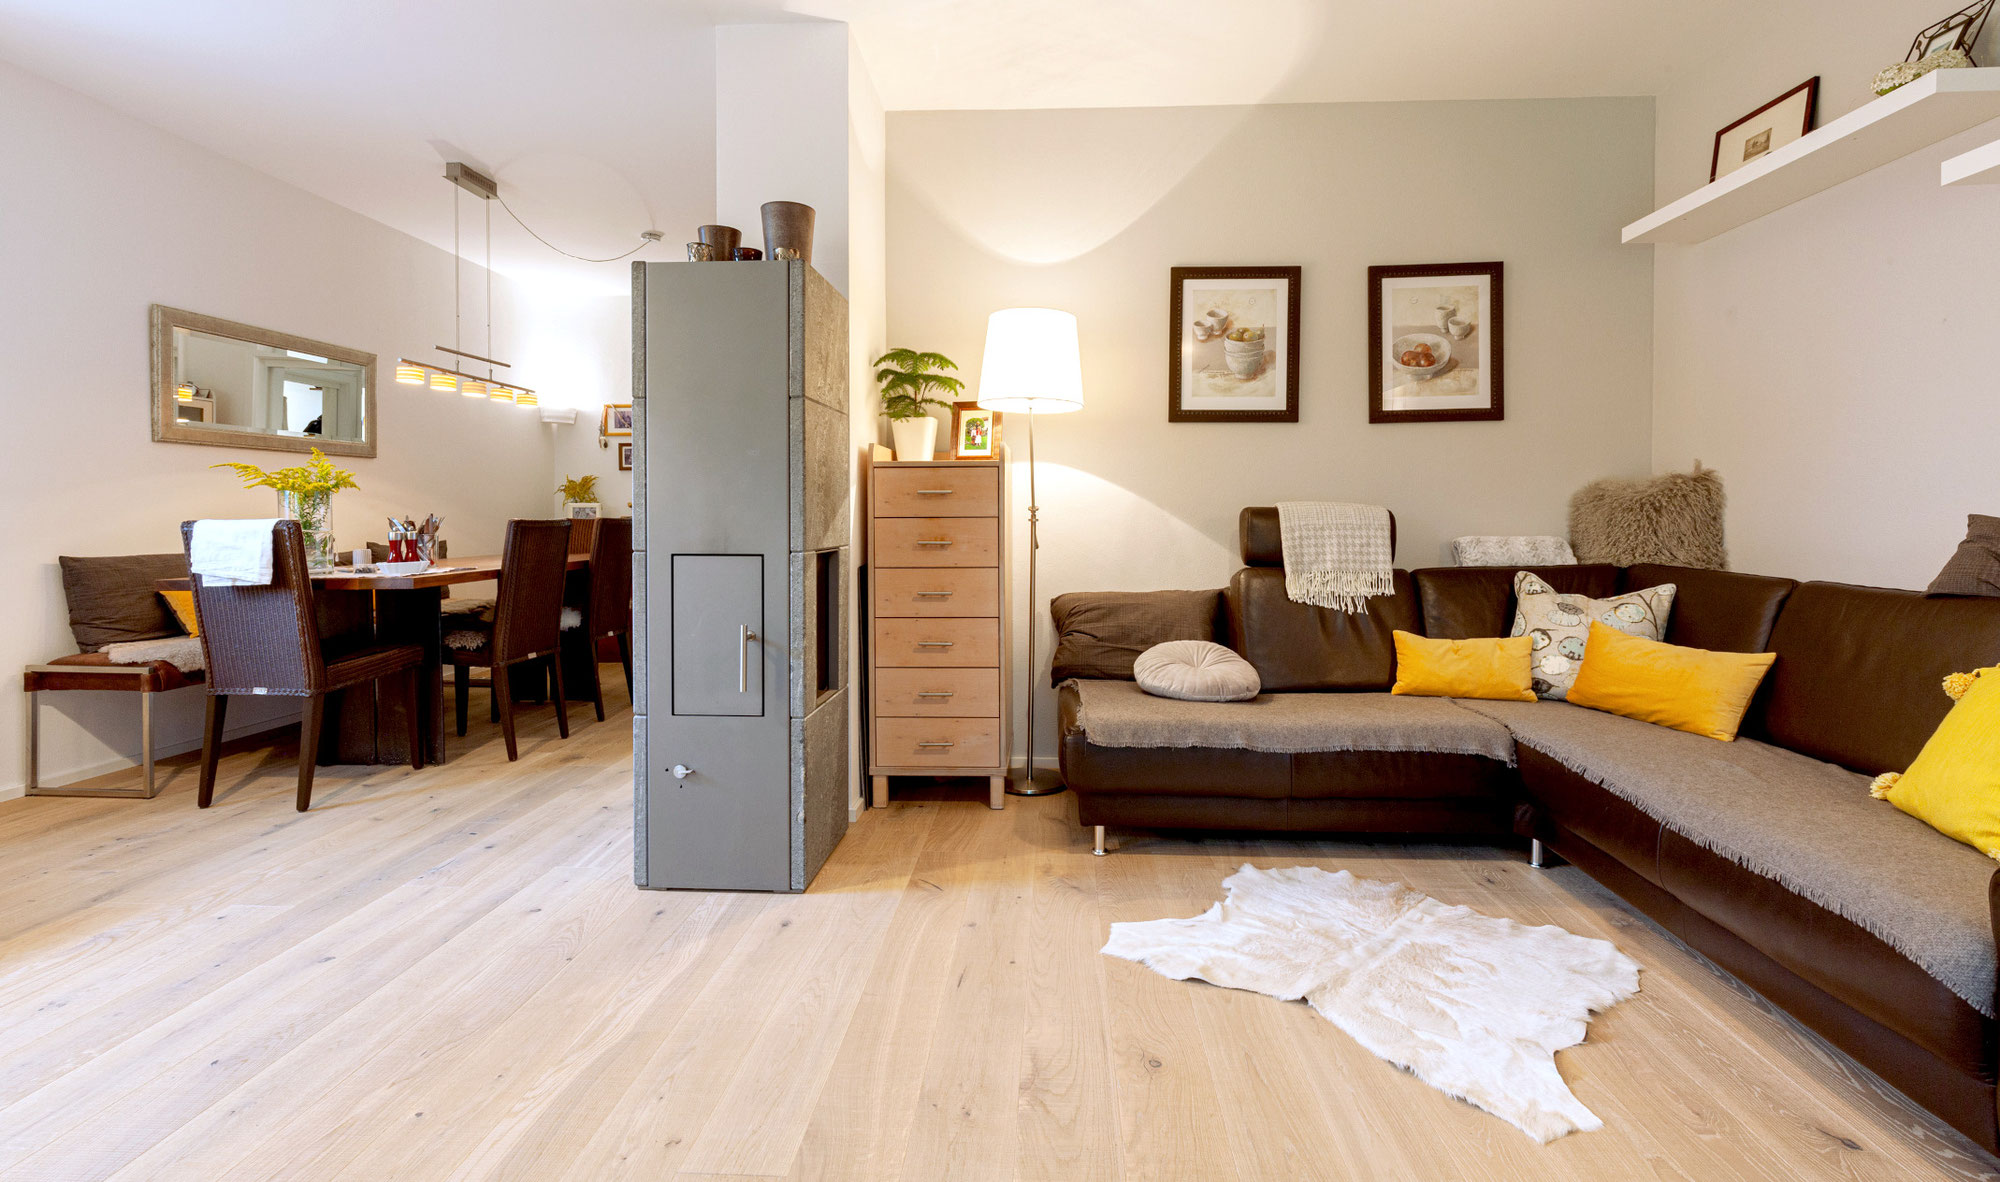 Projektbeispiel: Helle sägeraue Landhausdielen im Wohnraum